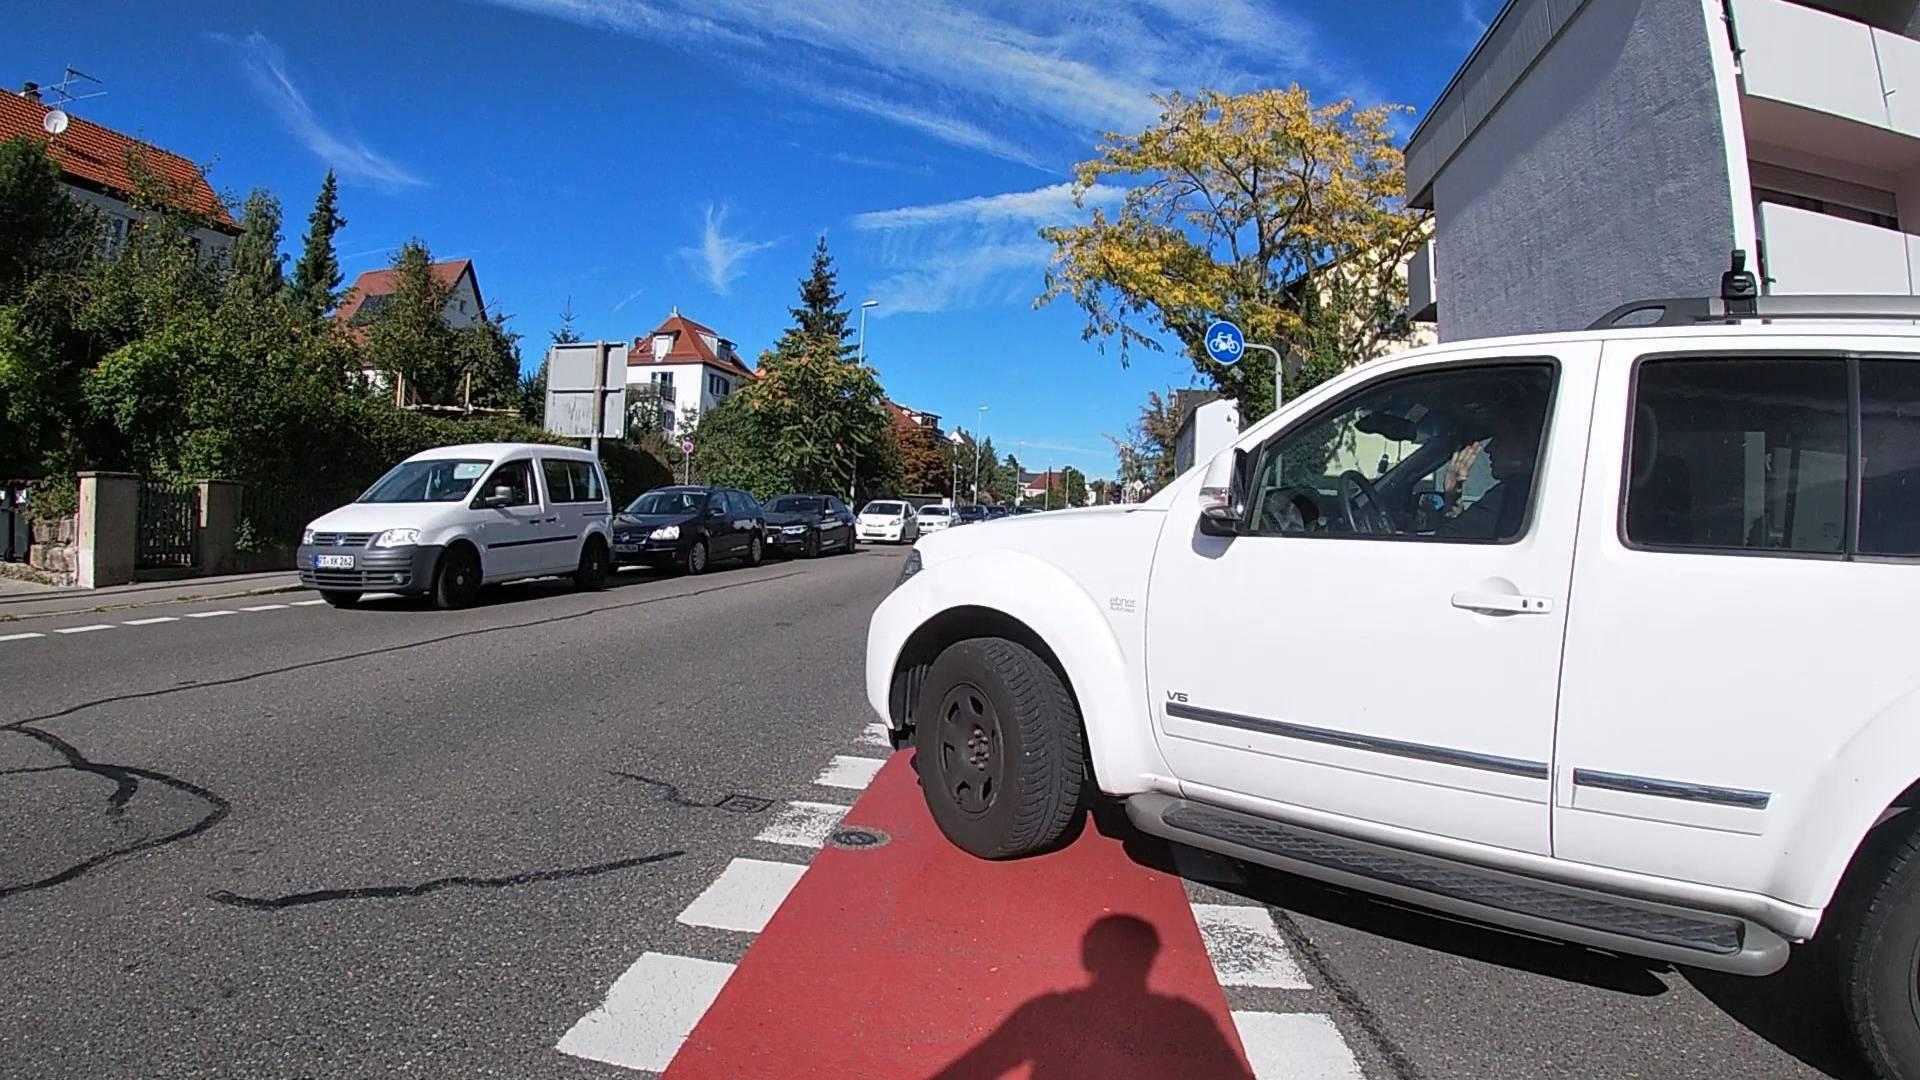 Video – RT Alteburgstraße – warum Radfahrstreifen gefährlich sind